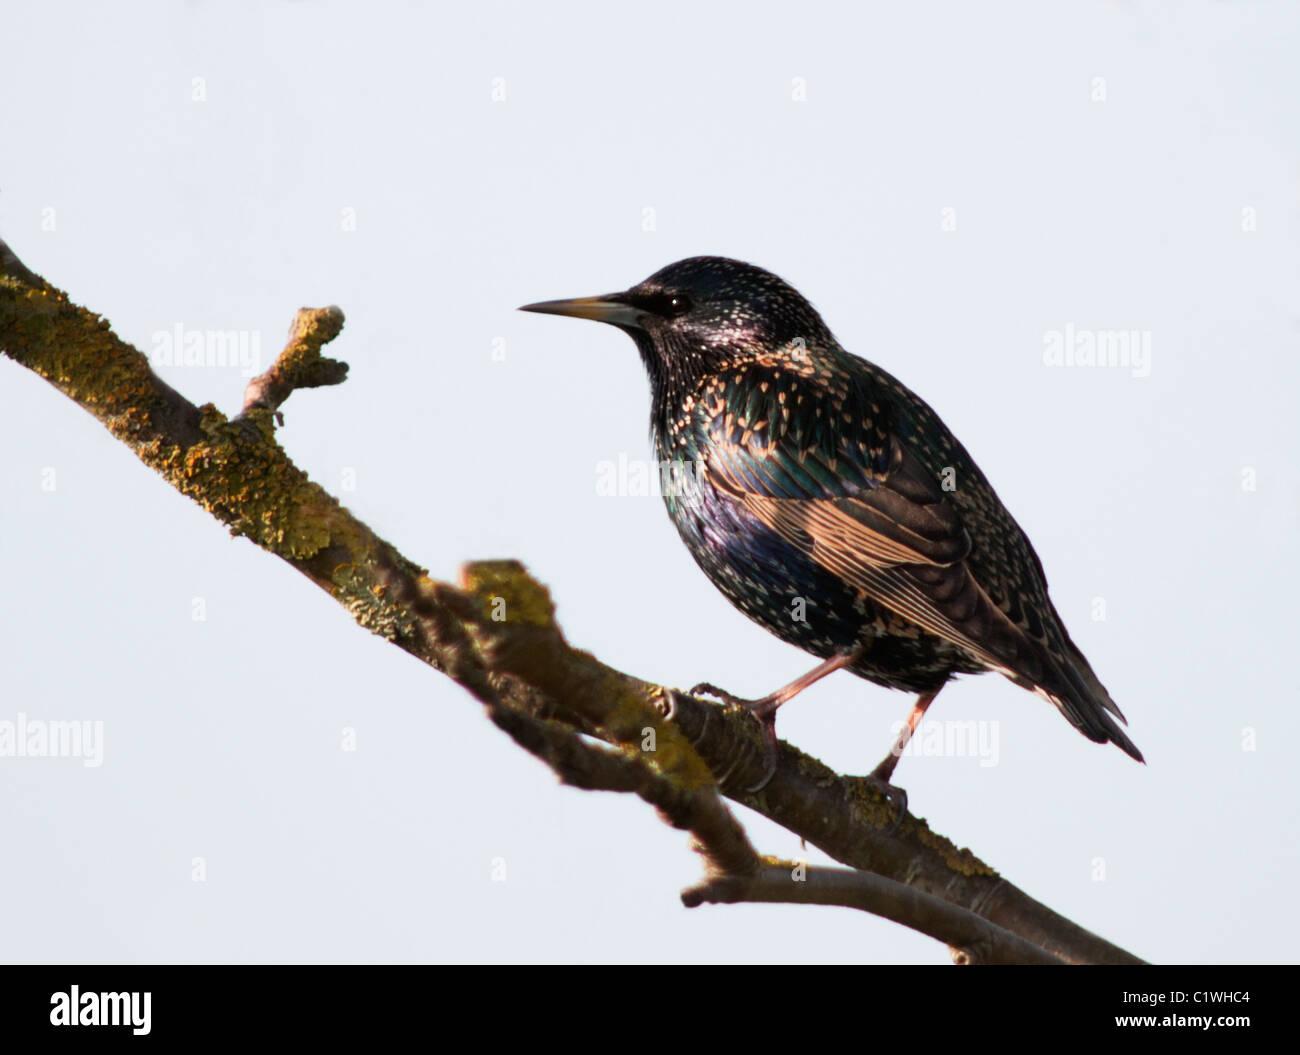 Unico Starling (Sturnus vulgaris) arroccato con la luce che mostra la molla iridescente colori per il buon effetto. Immagini Stock